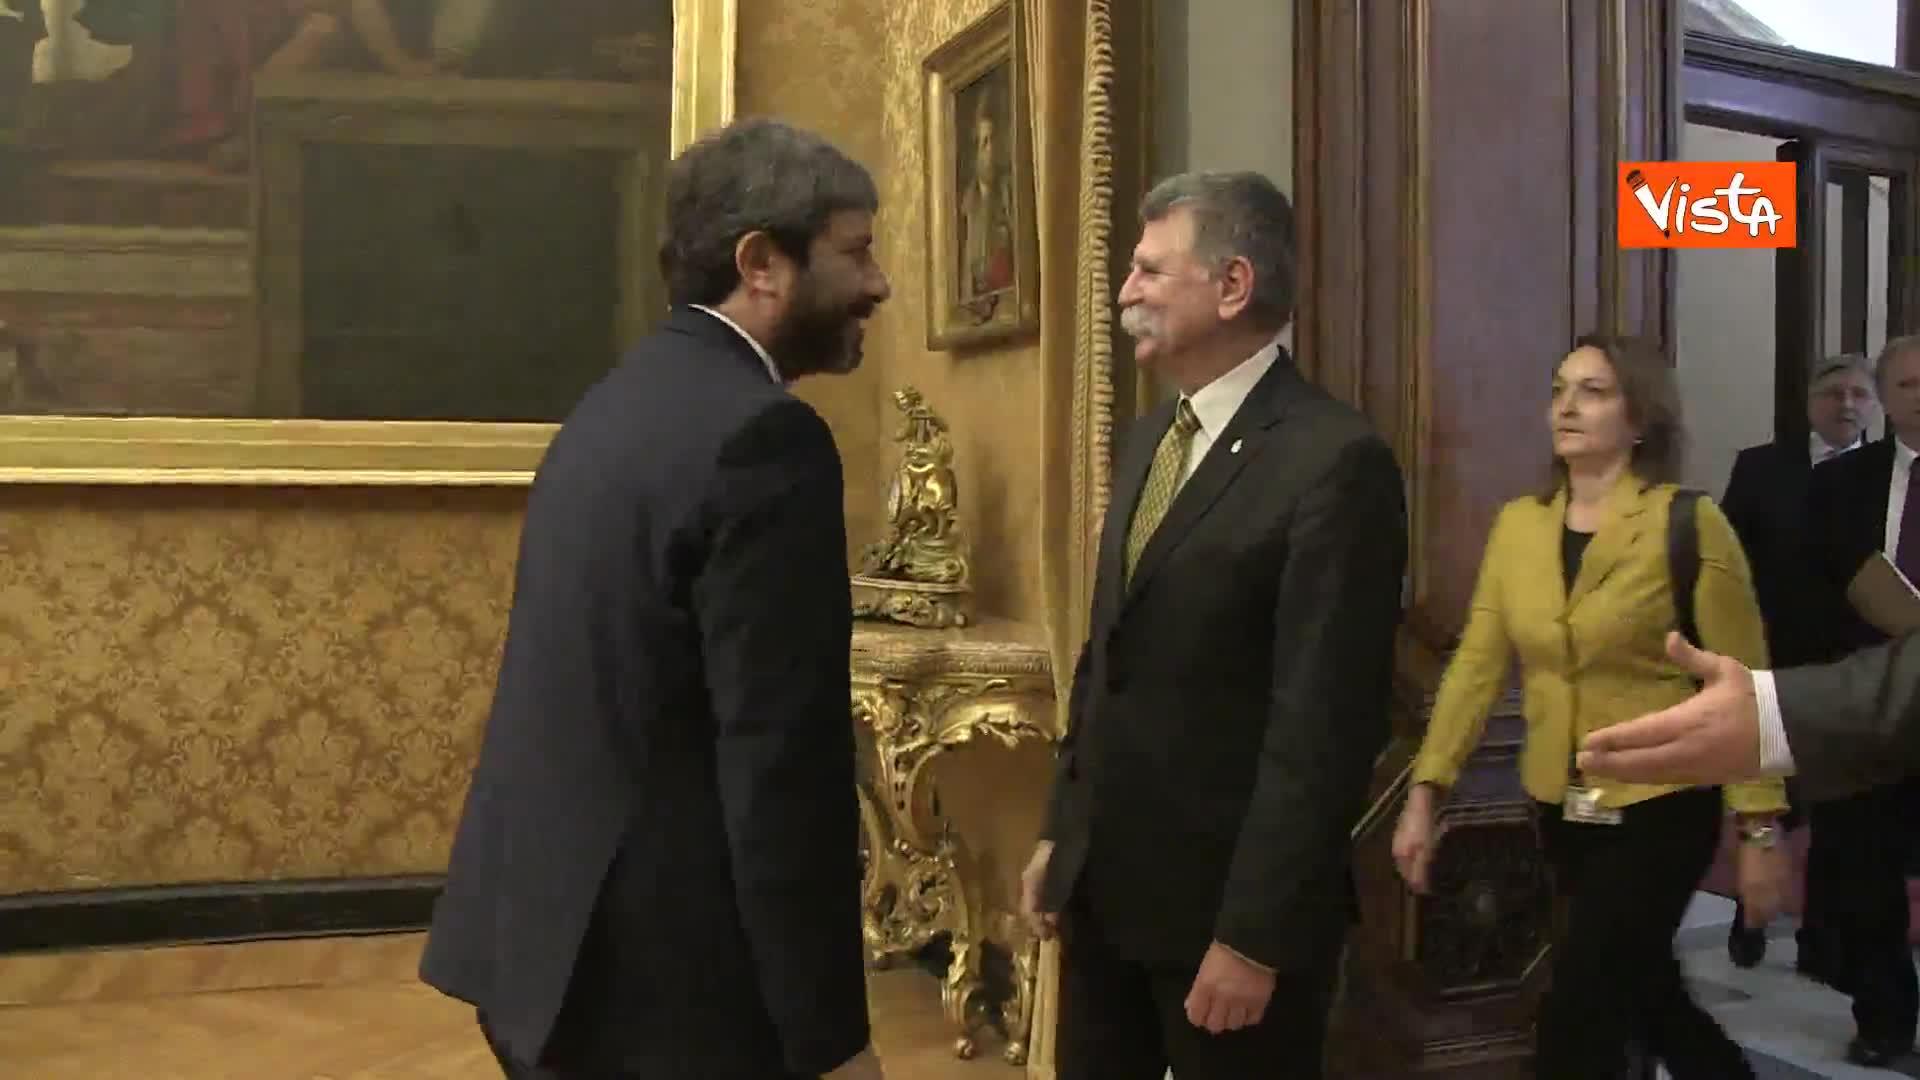 Fico incontra il presidente Assemblea Nazionale ungherese, immagini